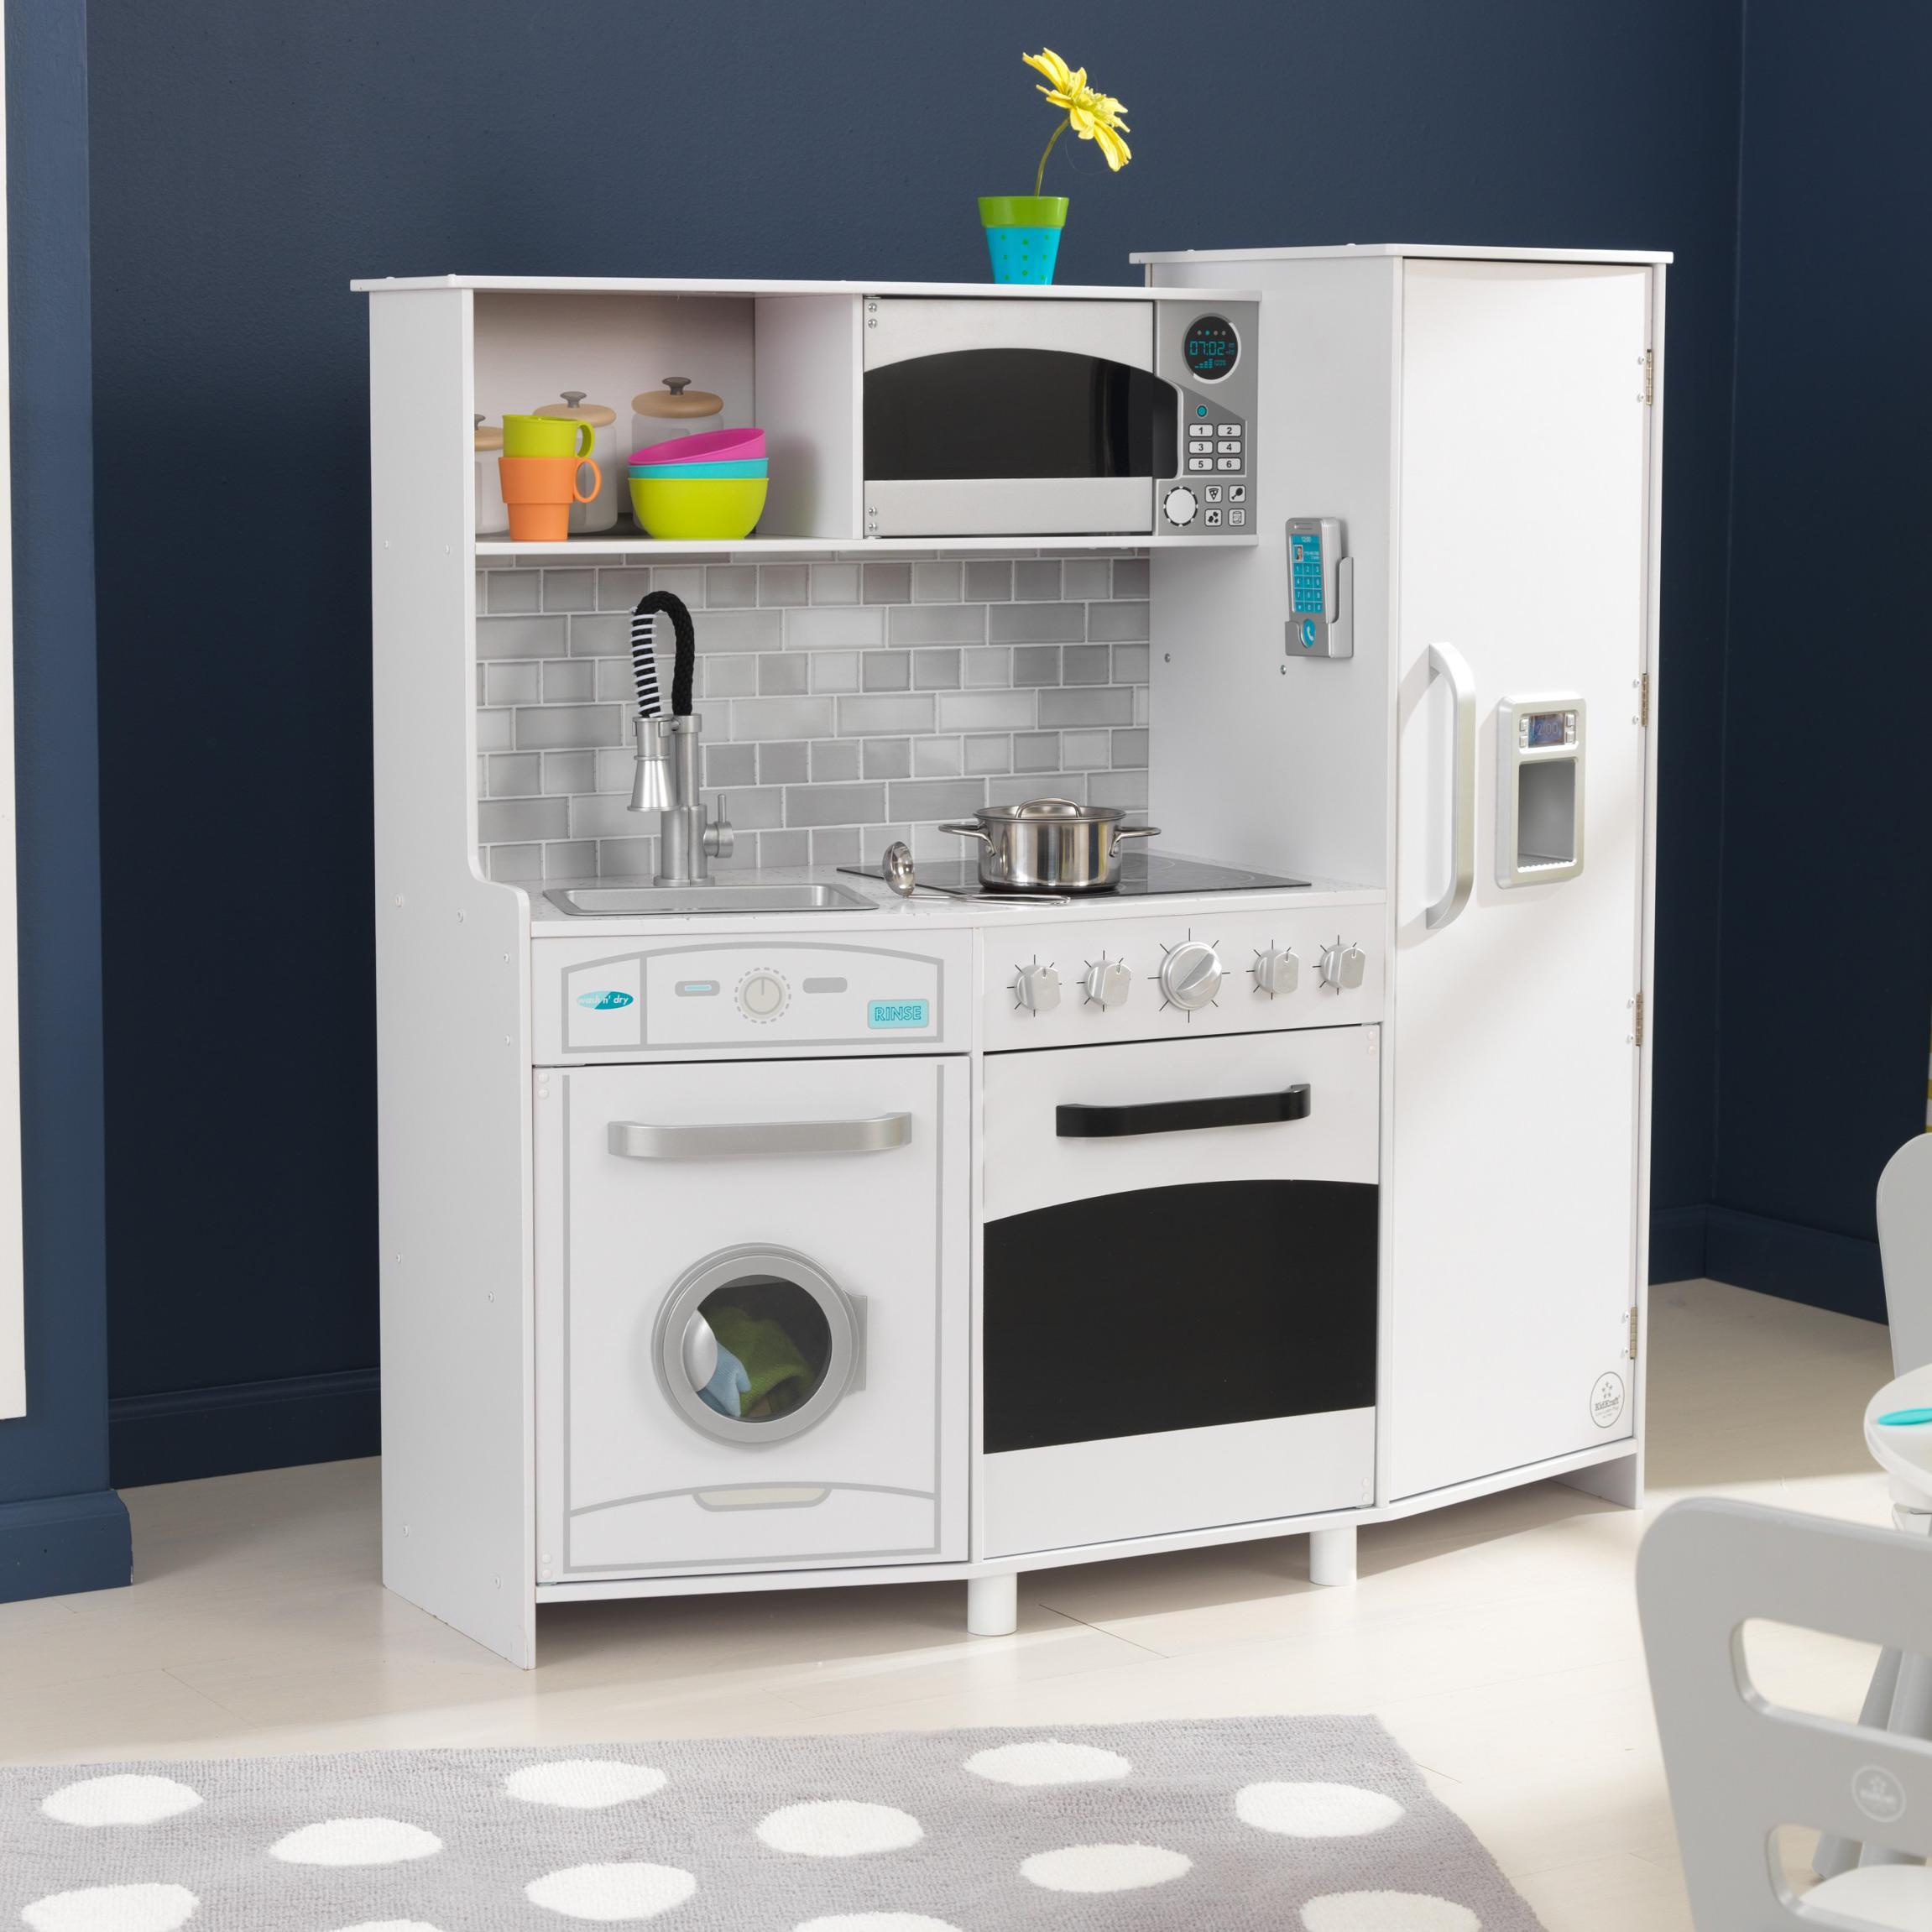 Игровая кухня #and#quot;Большой Интерактив, белая